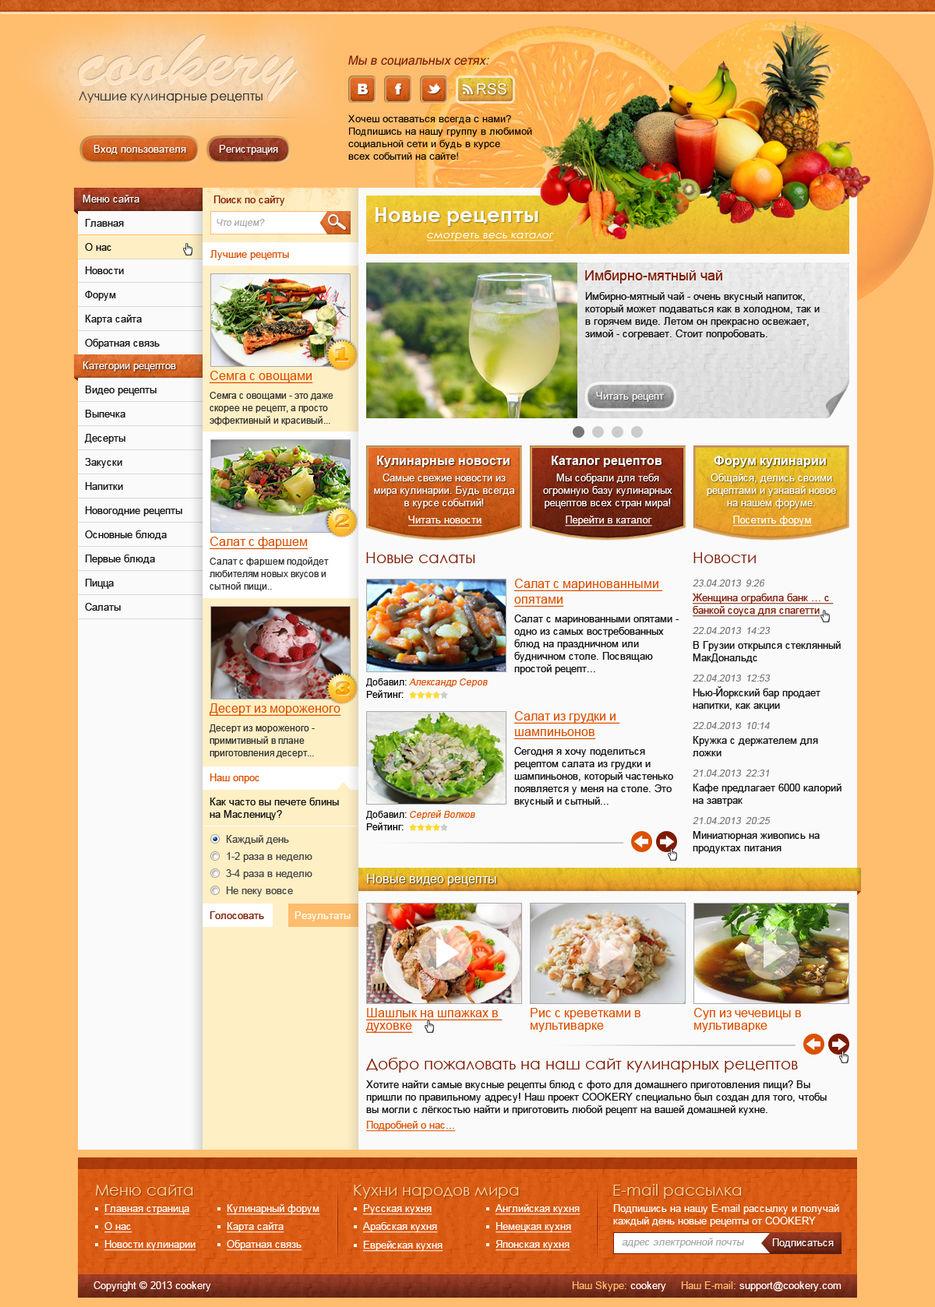 Видео на кулинарные рецепты